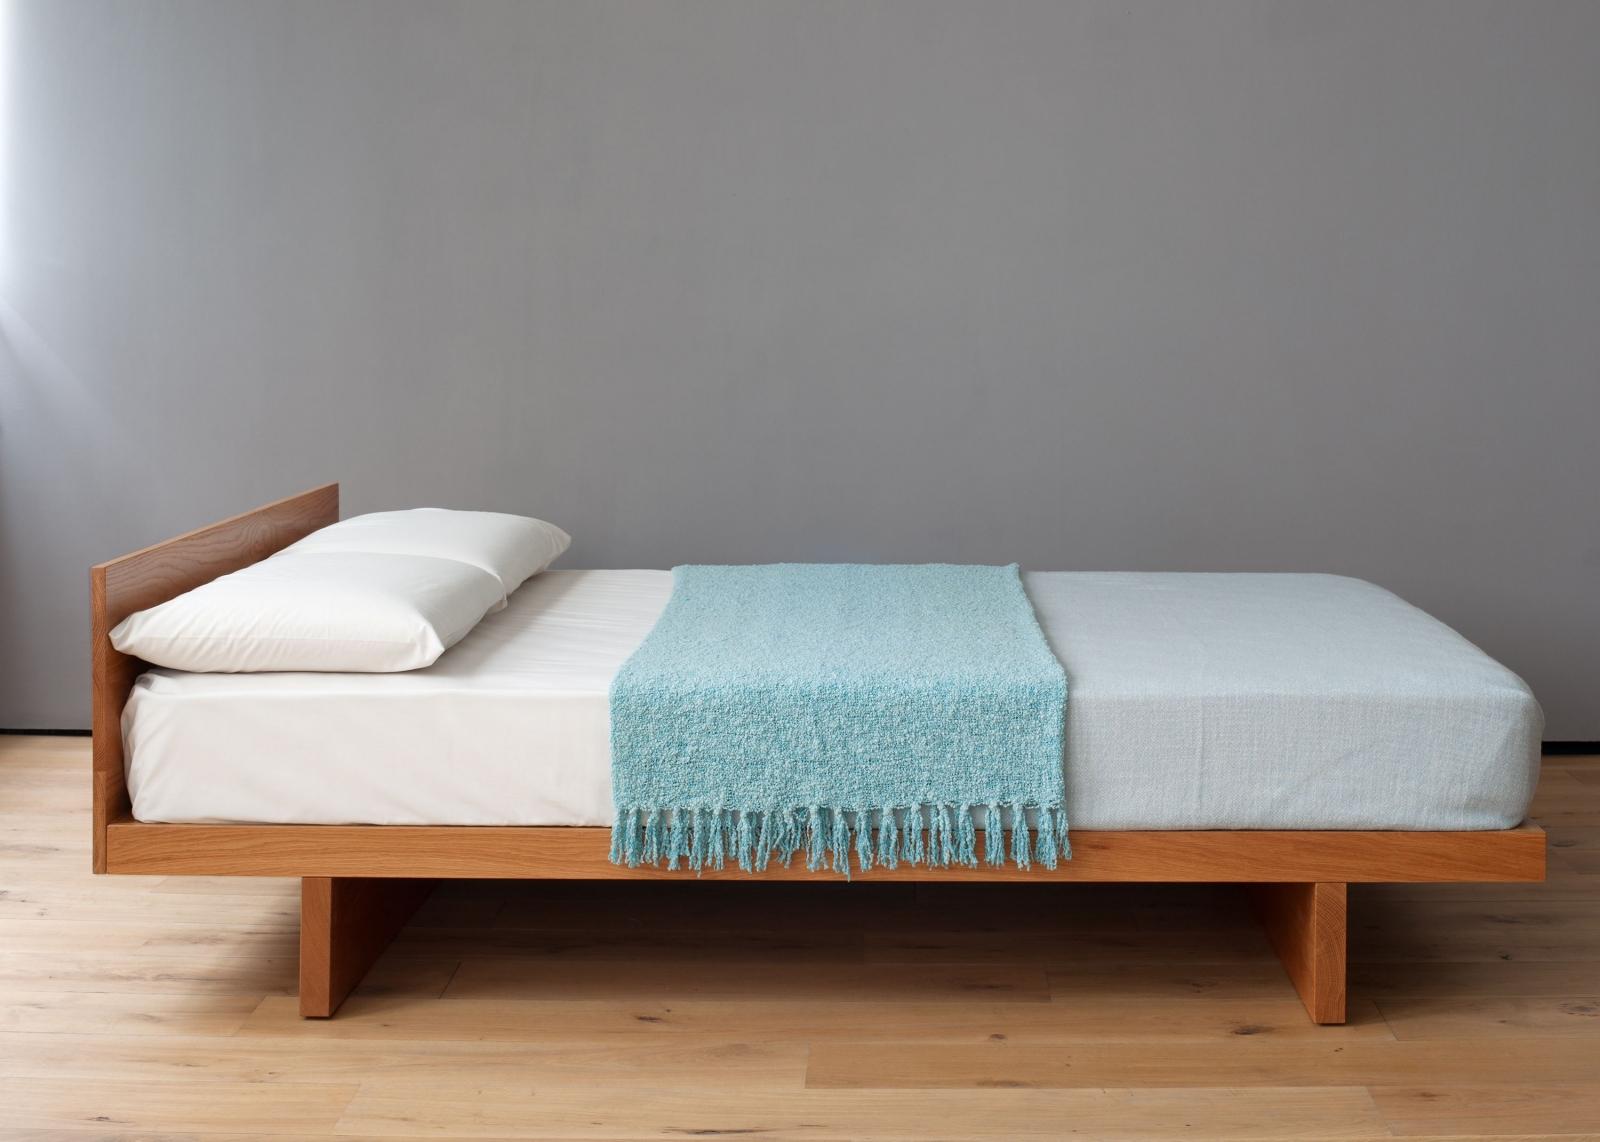 9 Mẫu Giường Ngủ Hot Nhất Trong Năm 2018